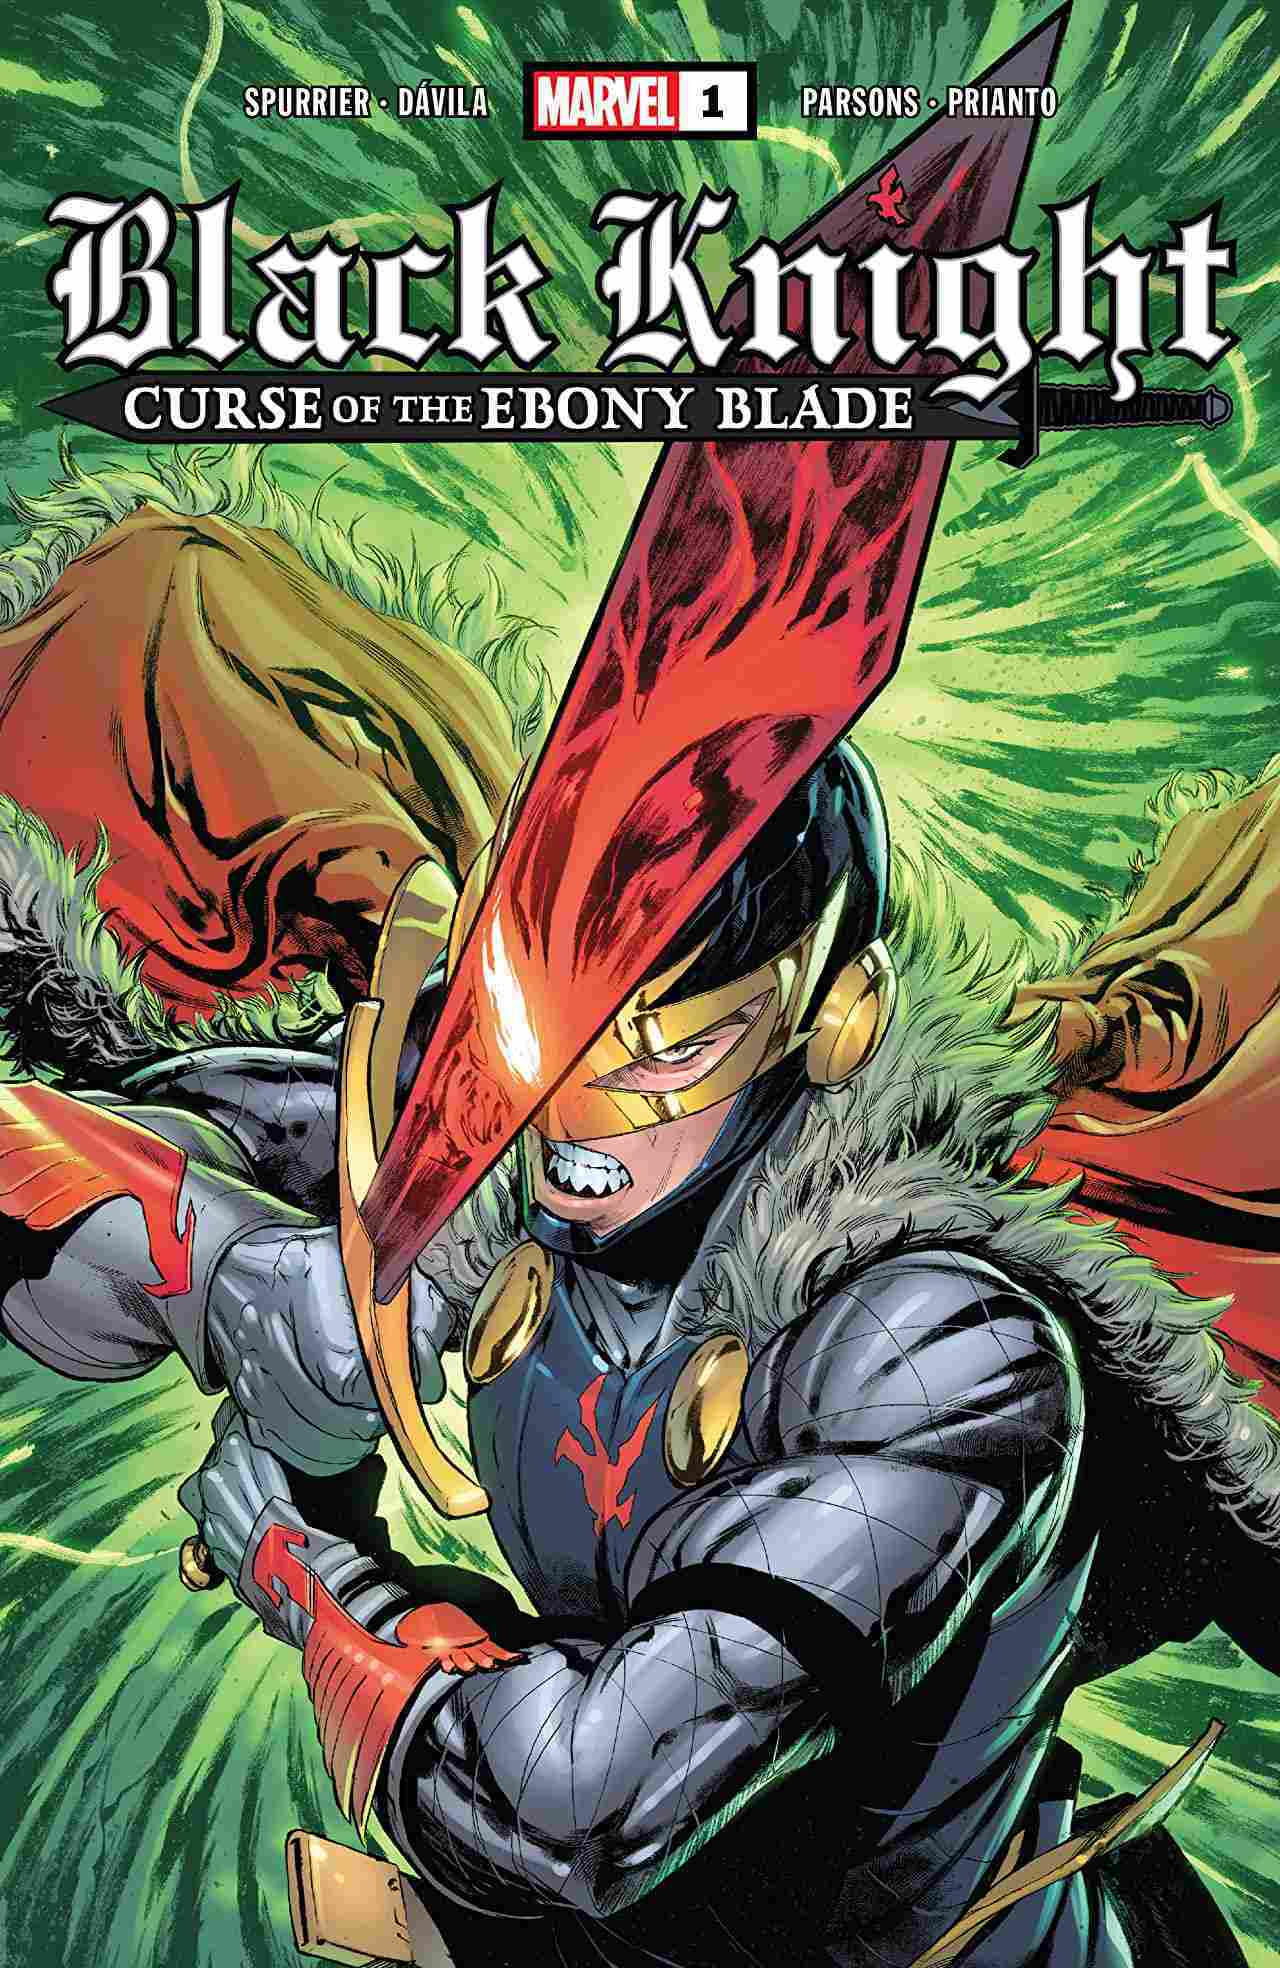 Black Knight Curse of the Ebony Blade #1